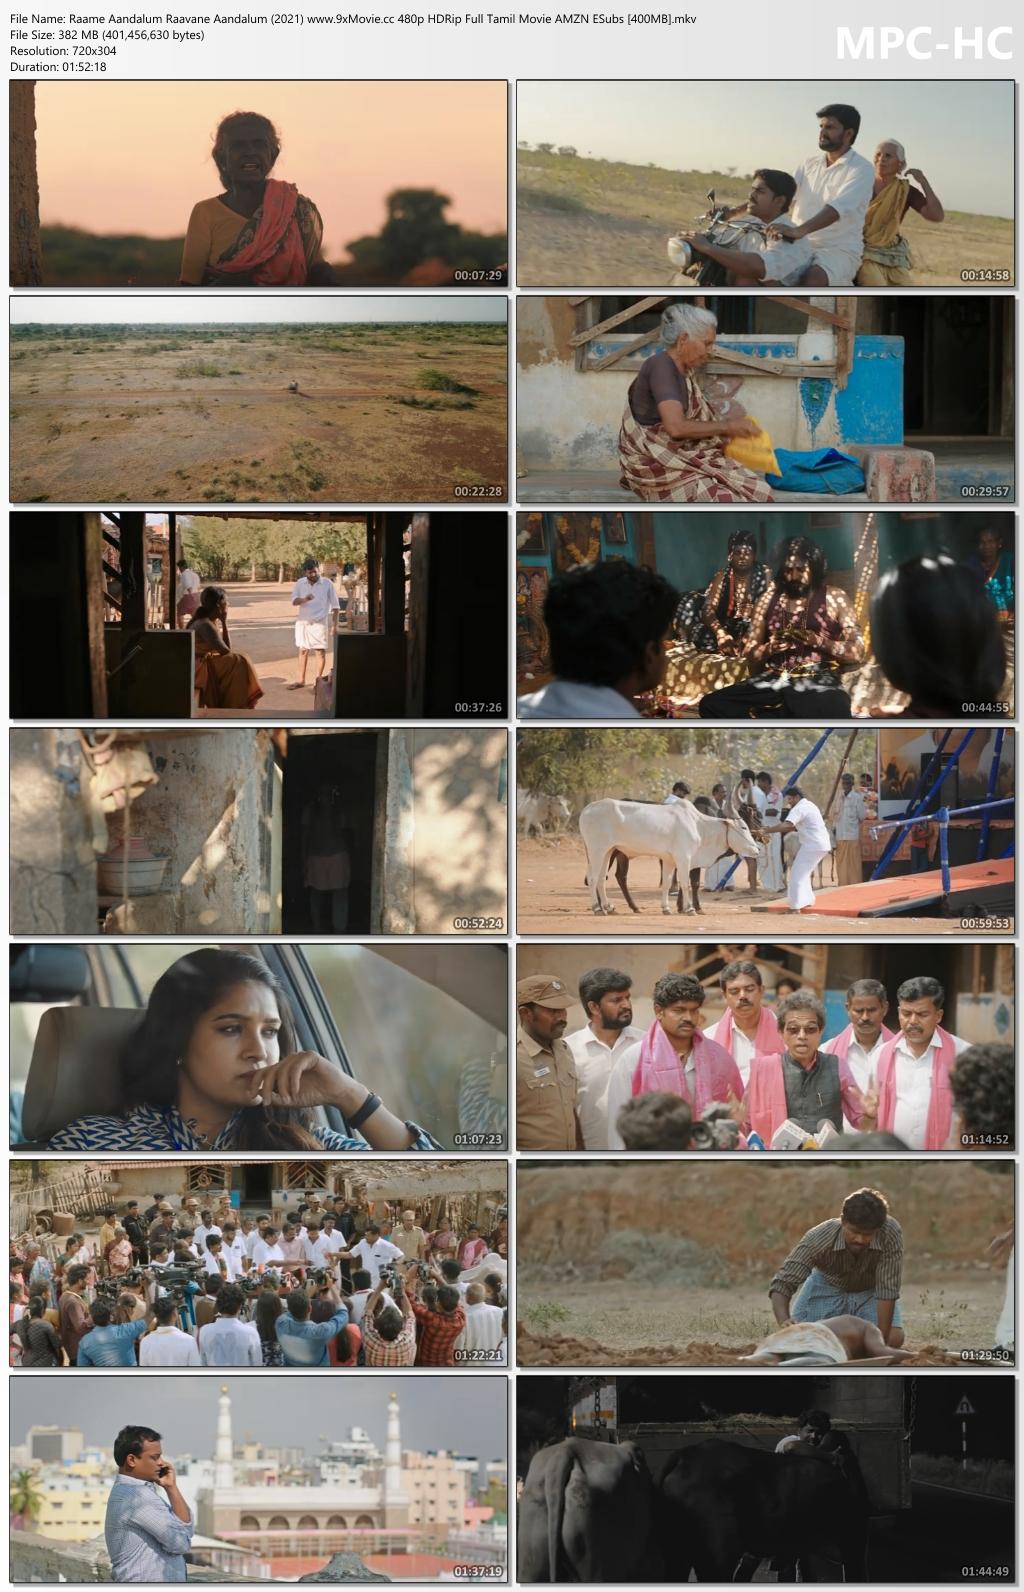 Raame-Aandalum-Raavane-Aandalum-2021-www-9x-Movie-cc-480p-HDRip-Full-Tamil-Movie-AMZN-ESubs-400-MB-m